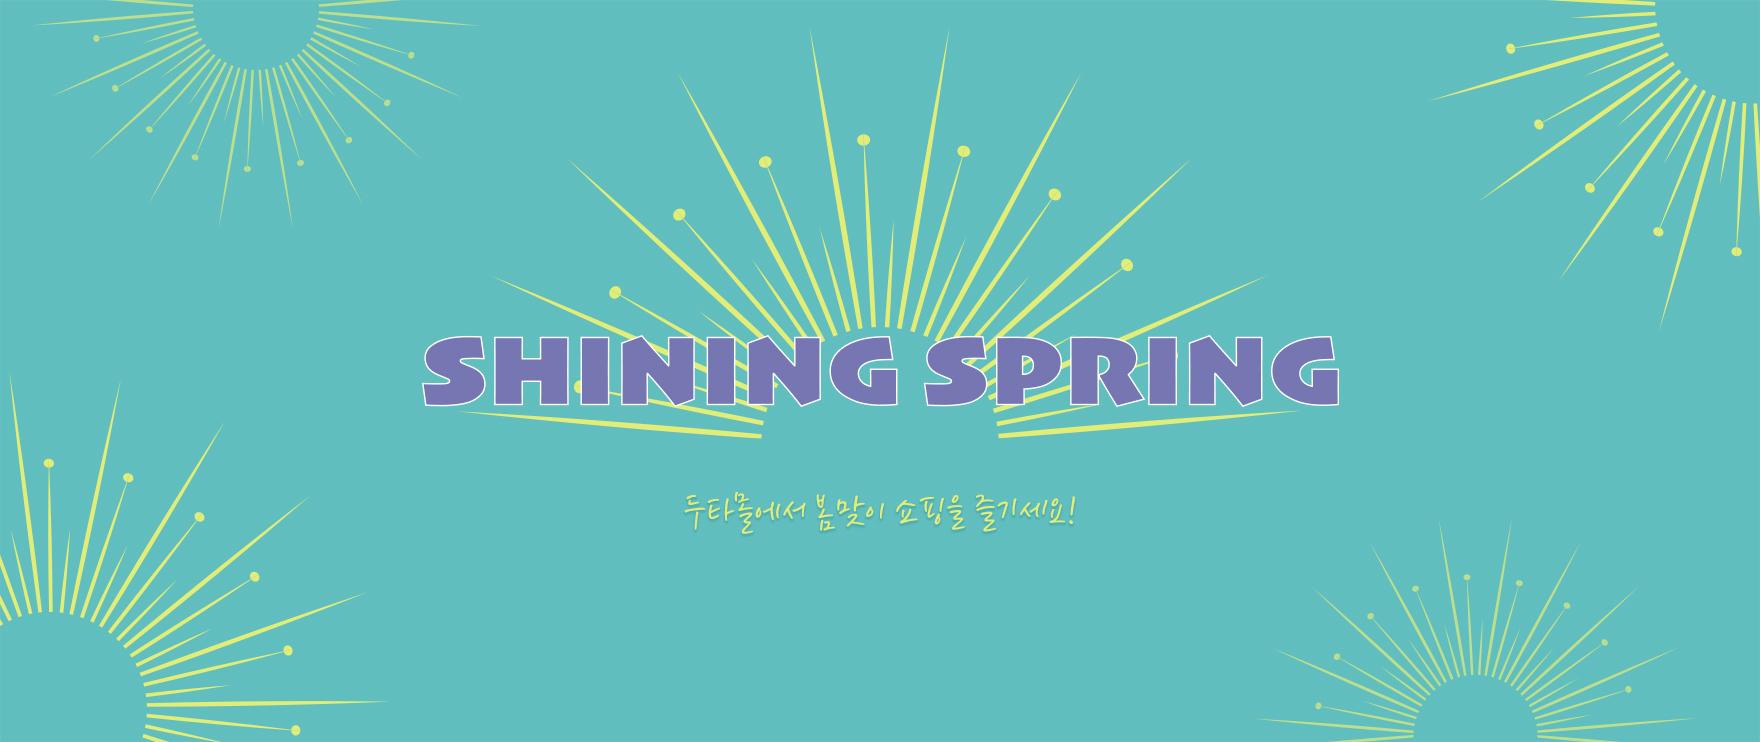 Shining Spring